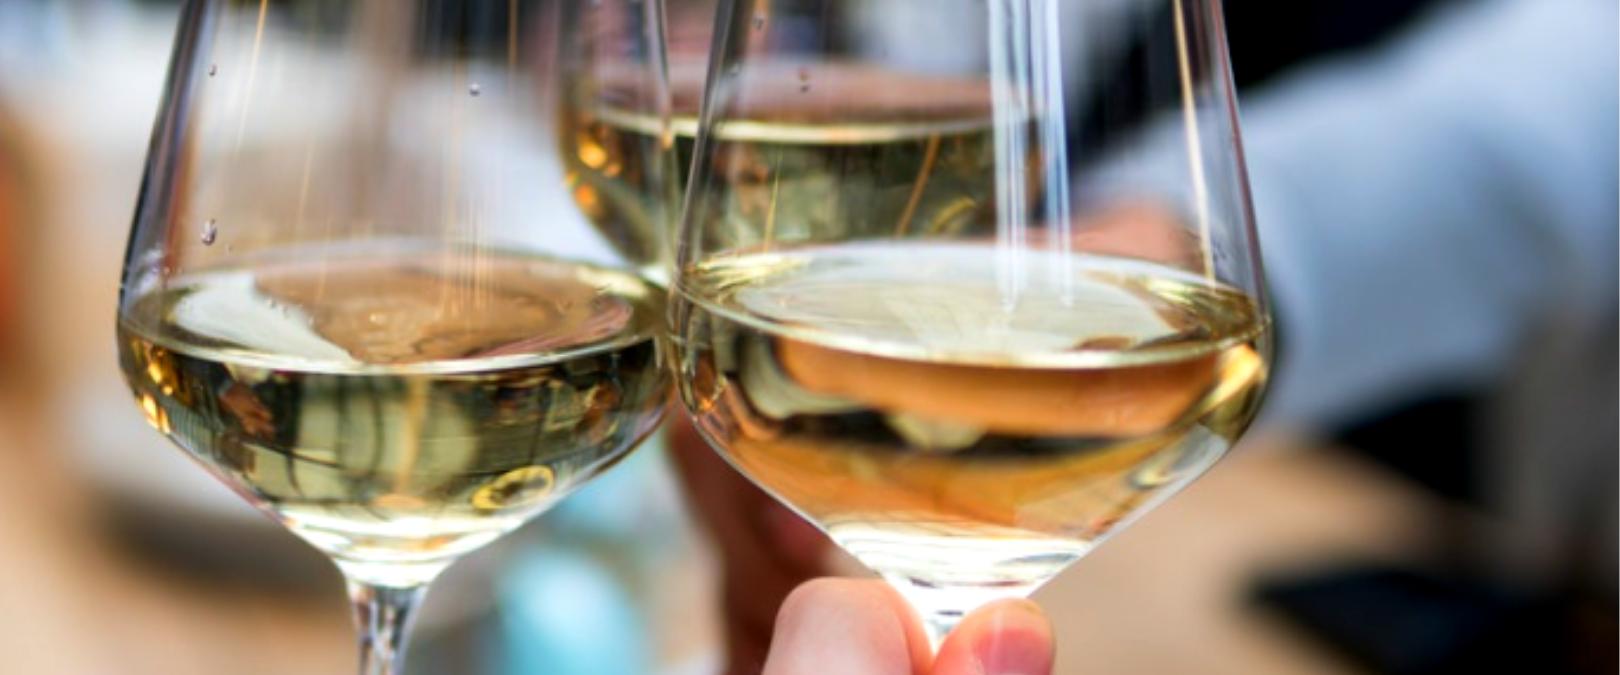 Comment est fait la production du Vin Blanc - Oenotourisme